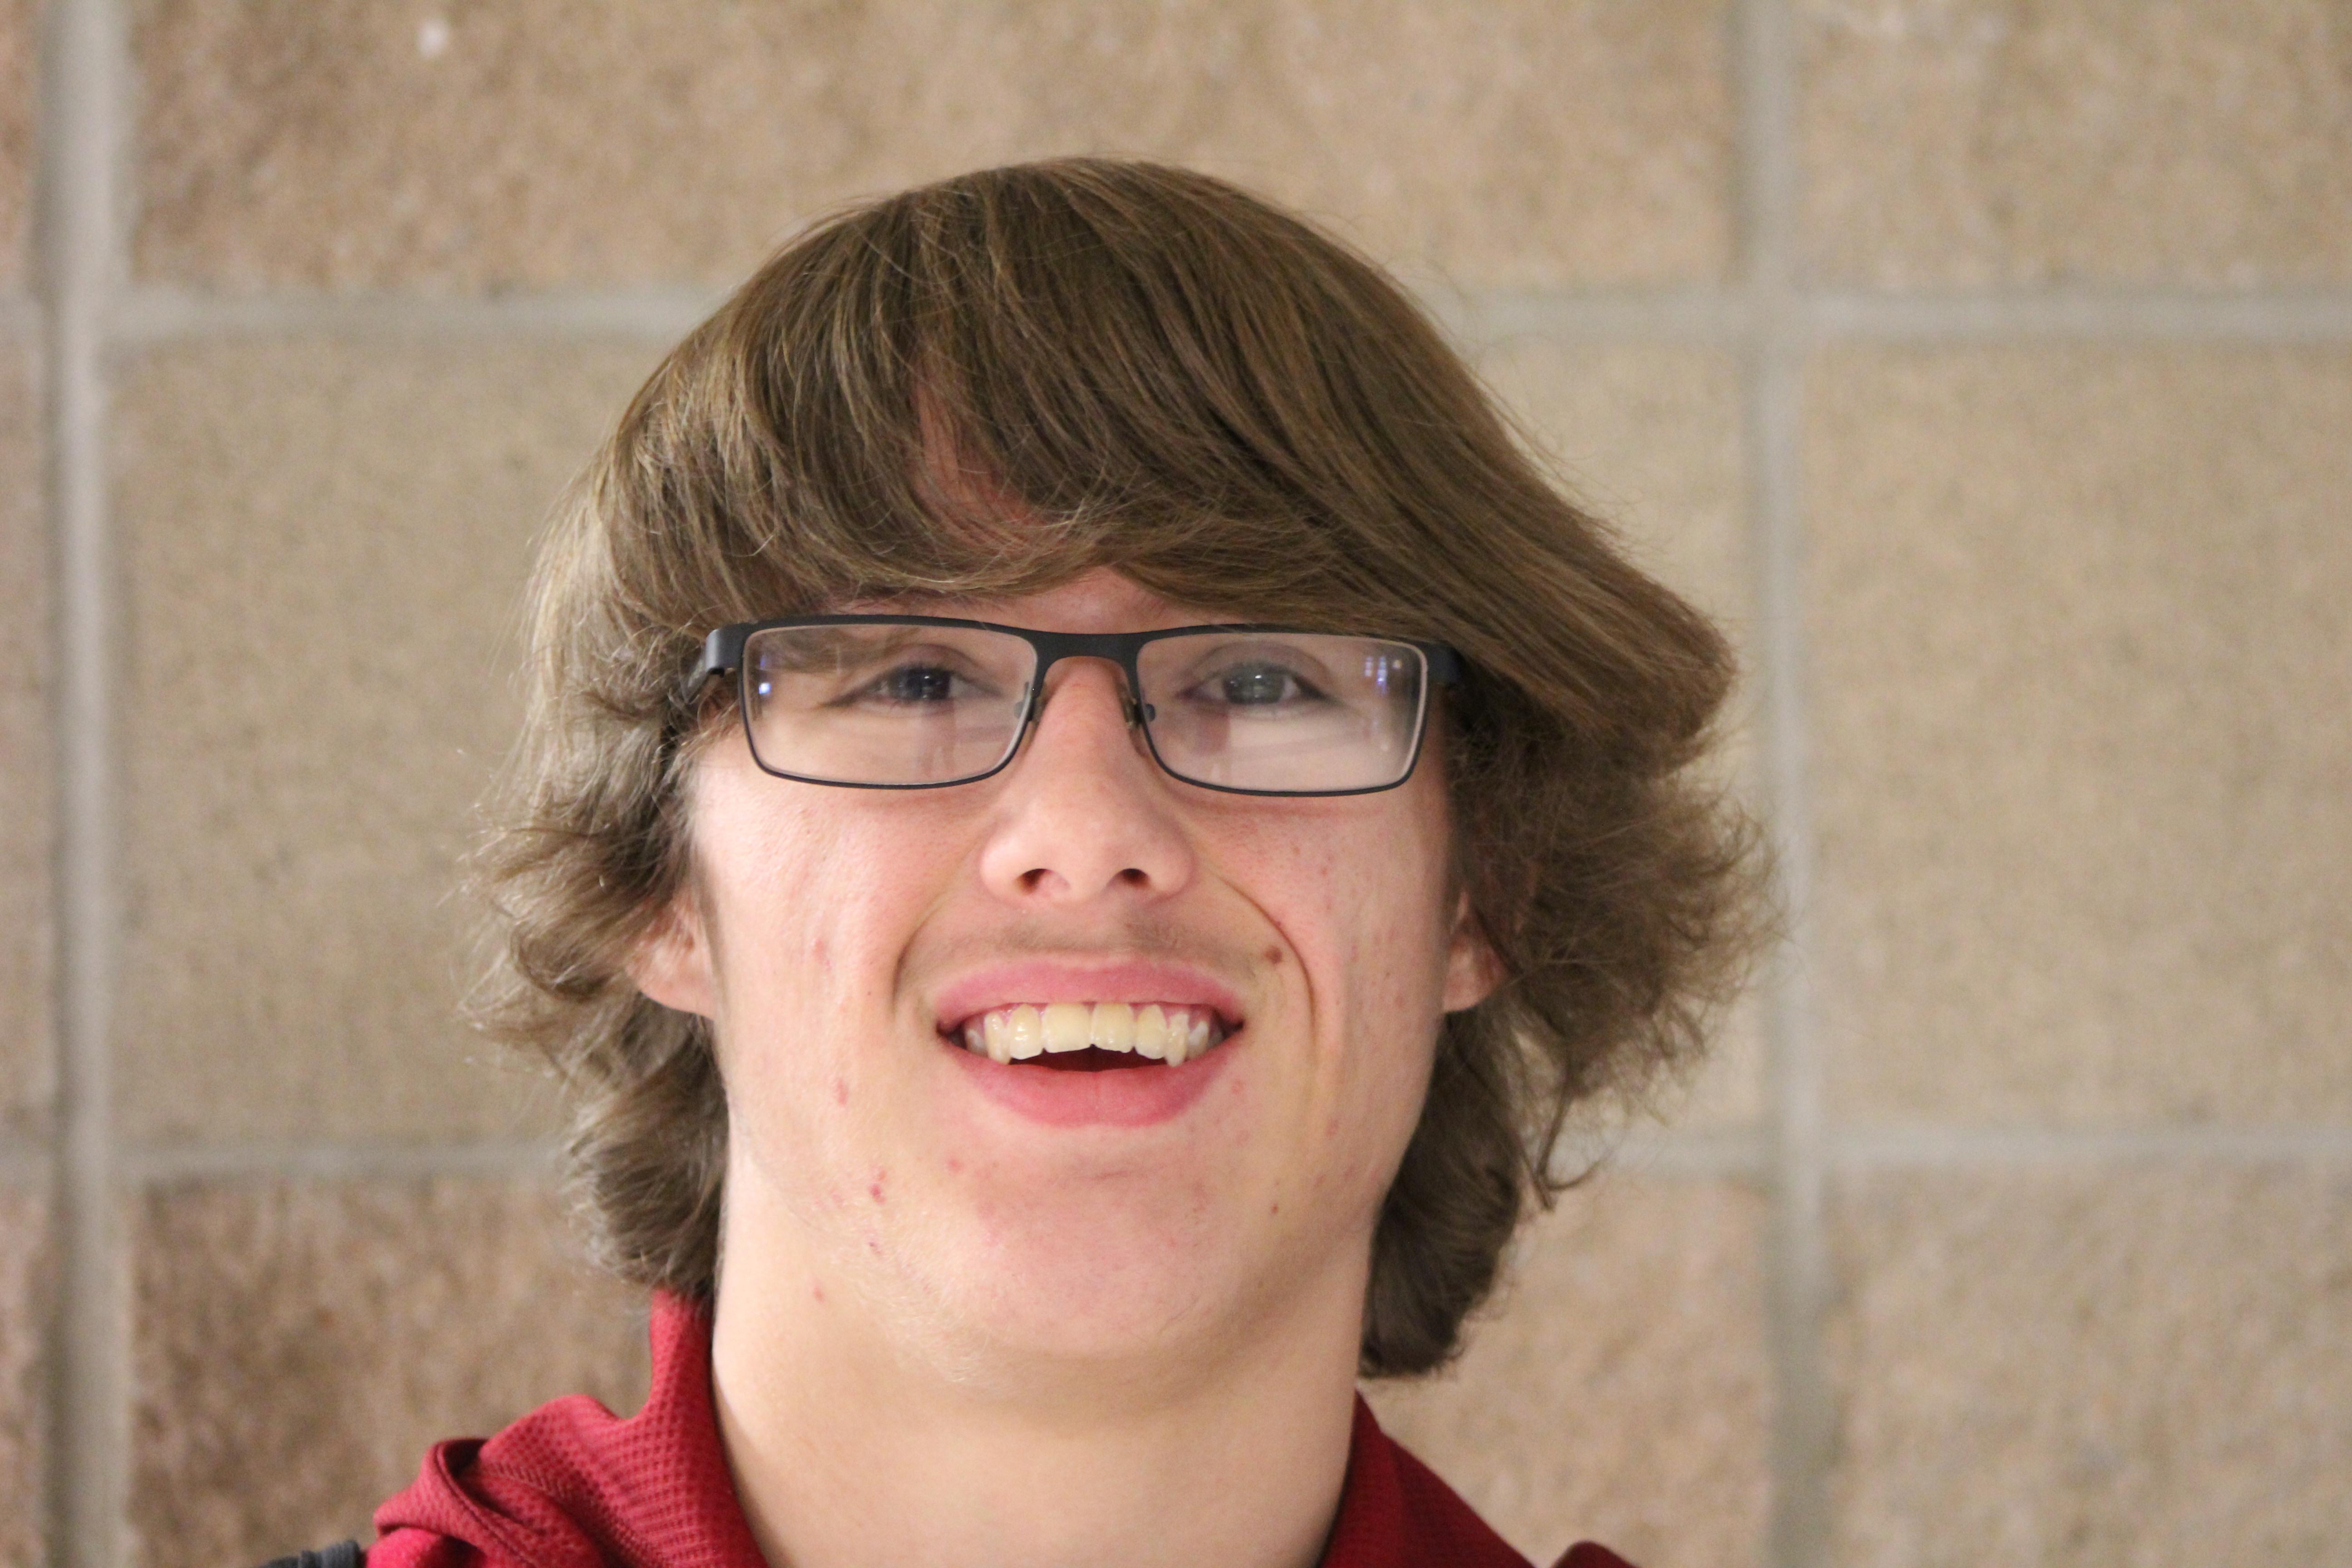 Athlete in the Spotlight – Tyler Mason